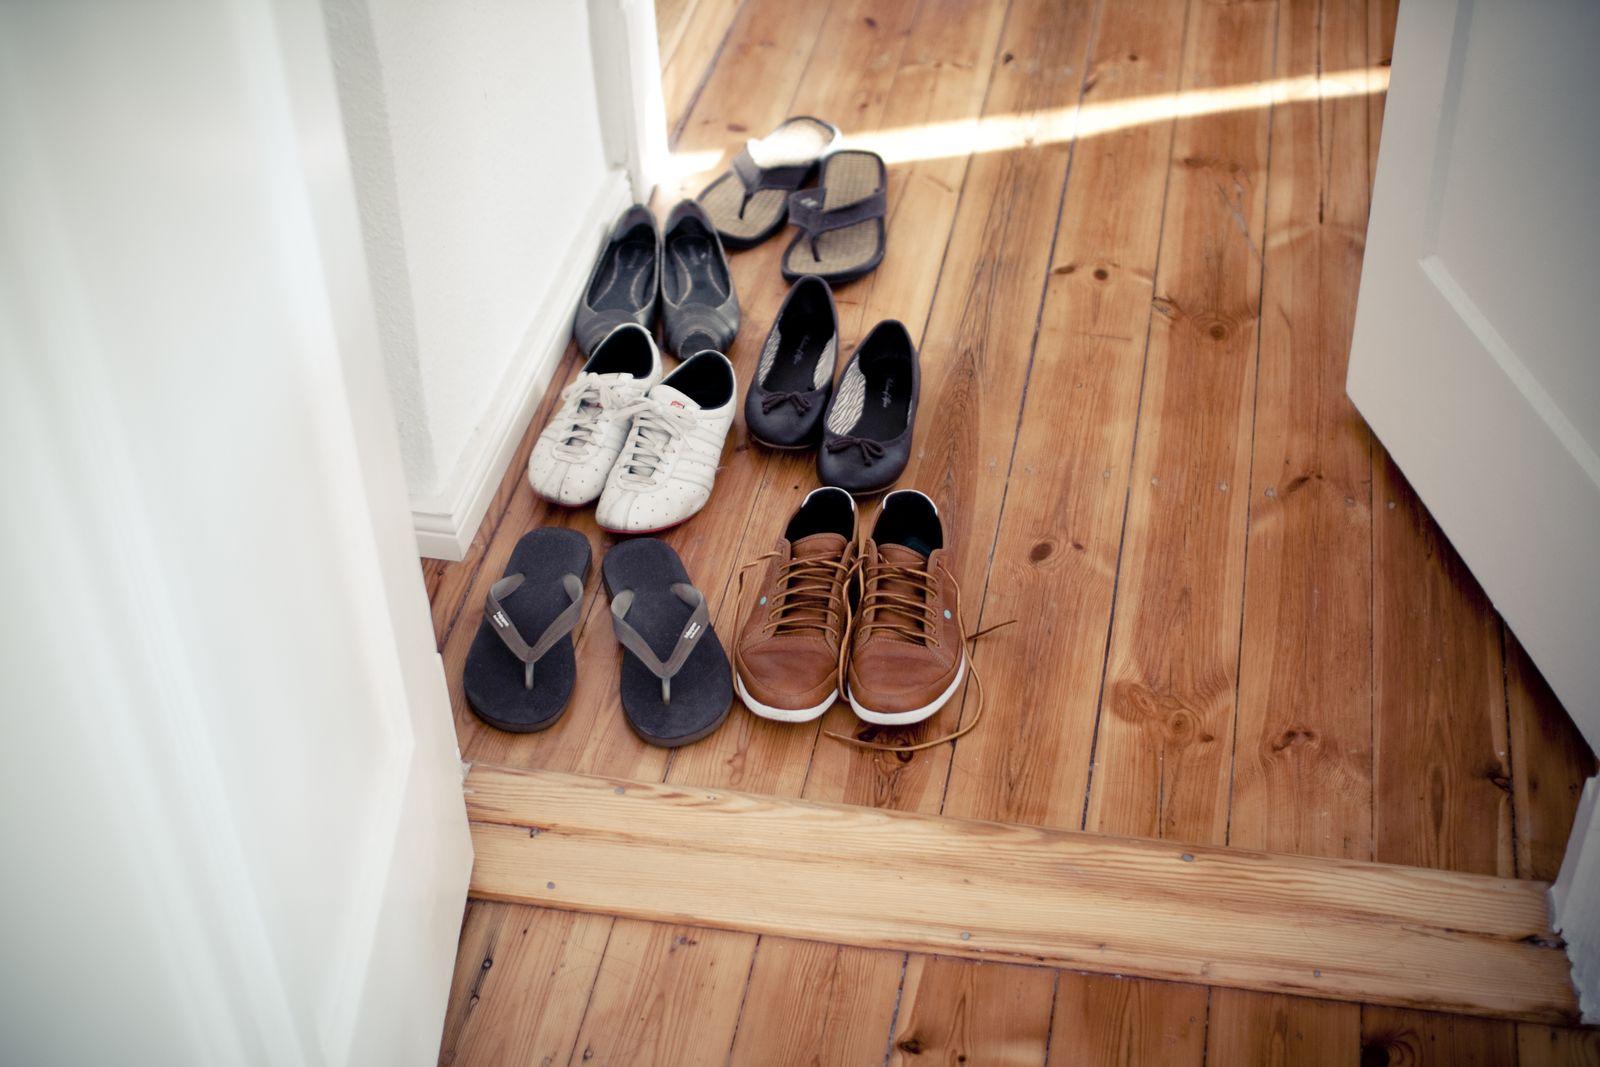 EINMALIGE VERWENDUNG Schuhe vor Wohnungstür